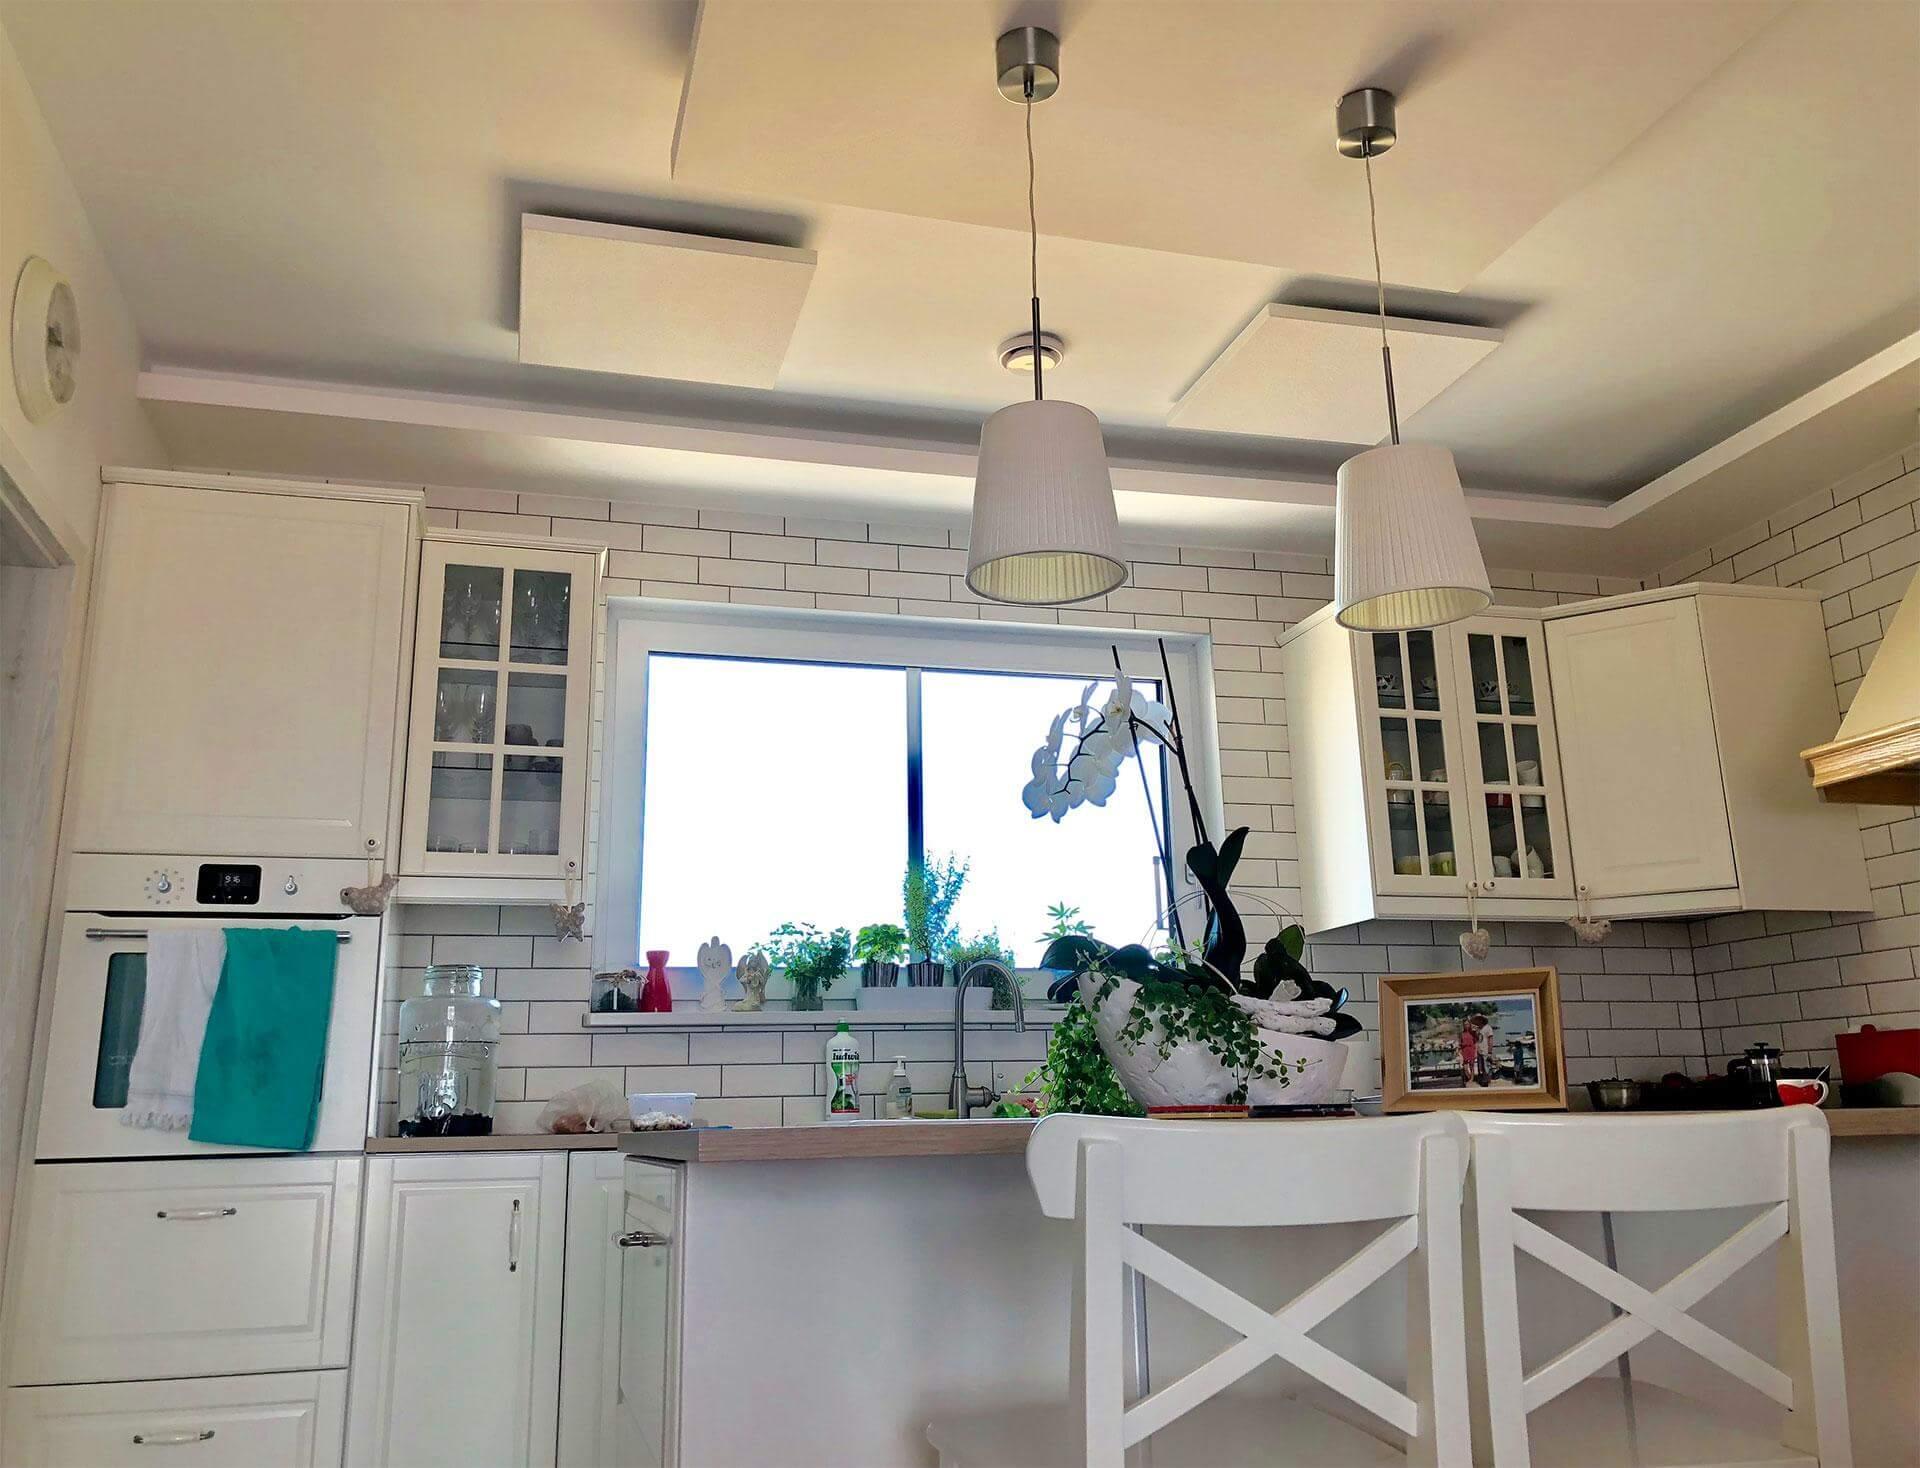 kuchnia 01 - Home